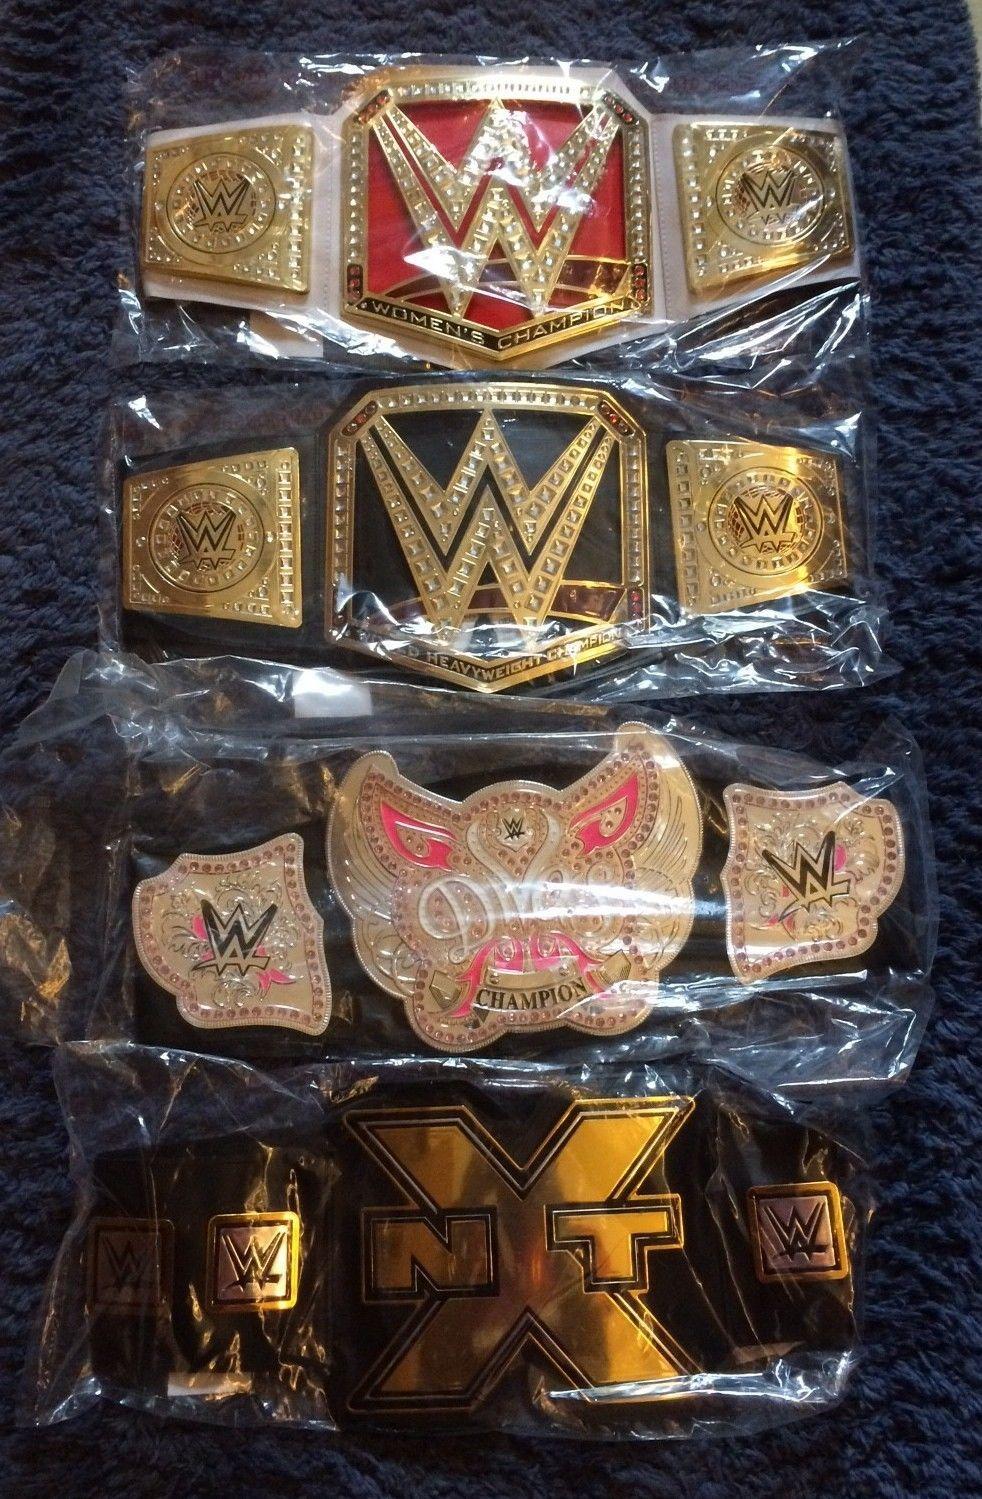 Mattel Belt for WWE Wrestling Figures Divas Championship